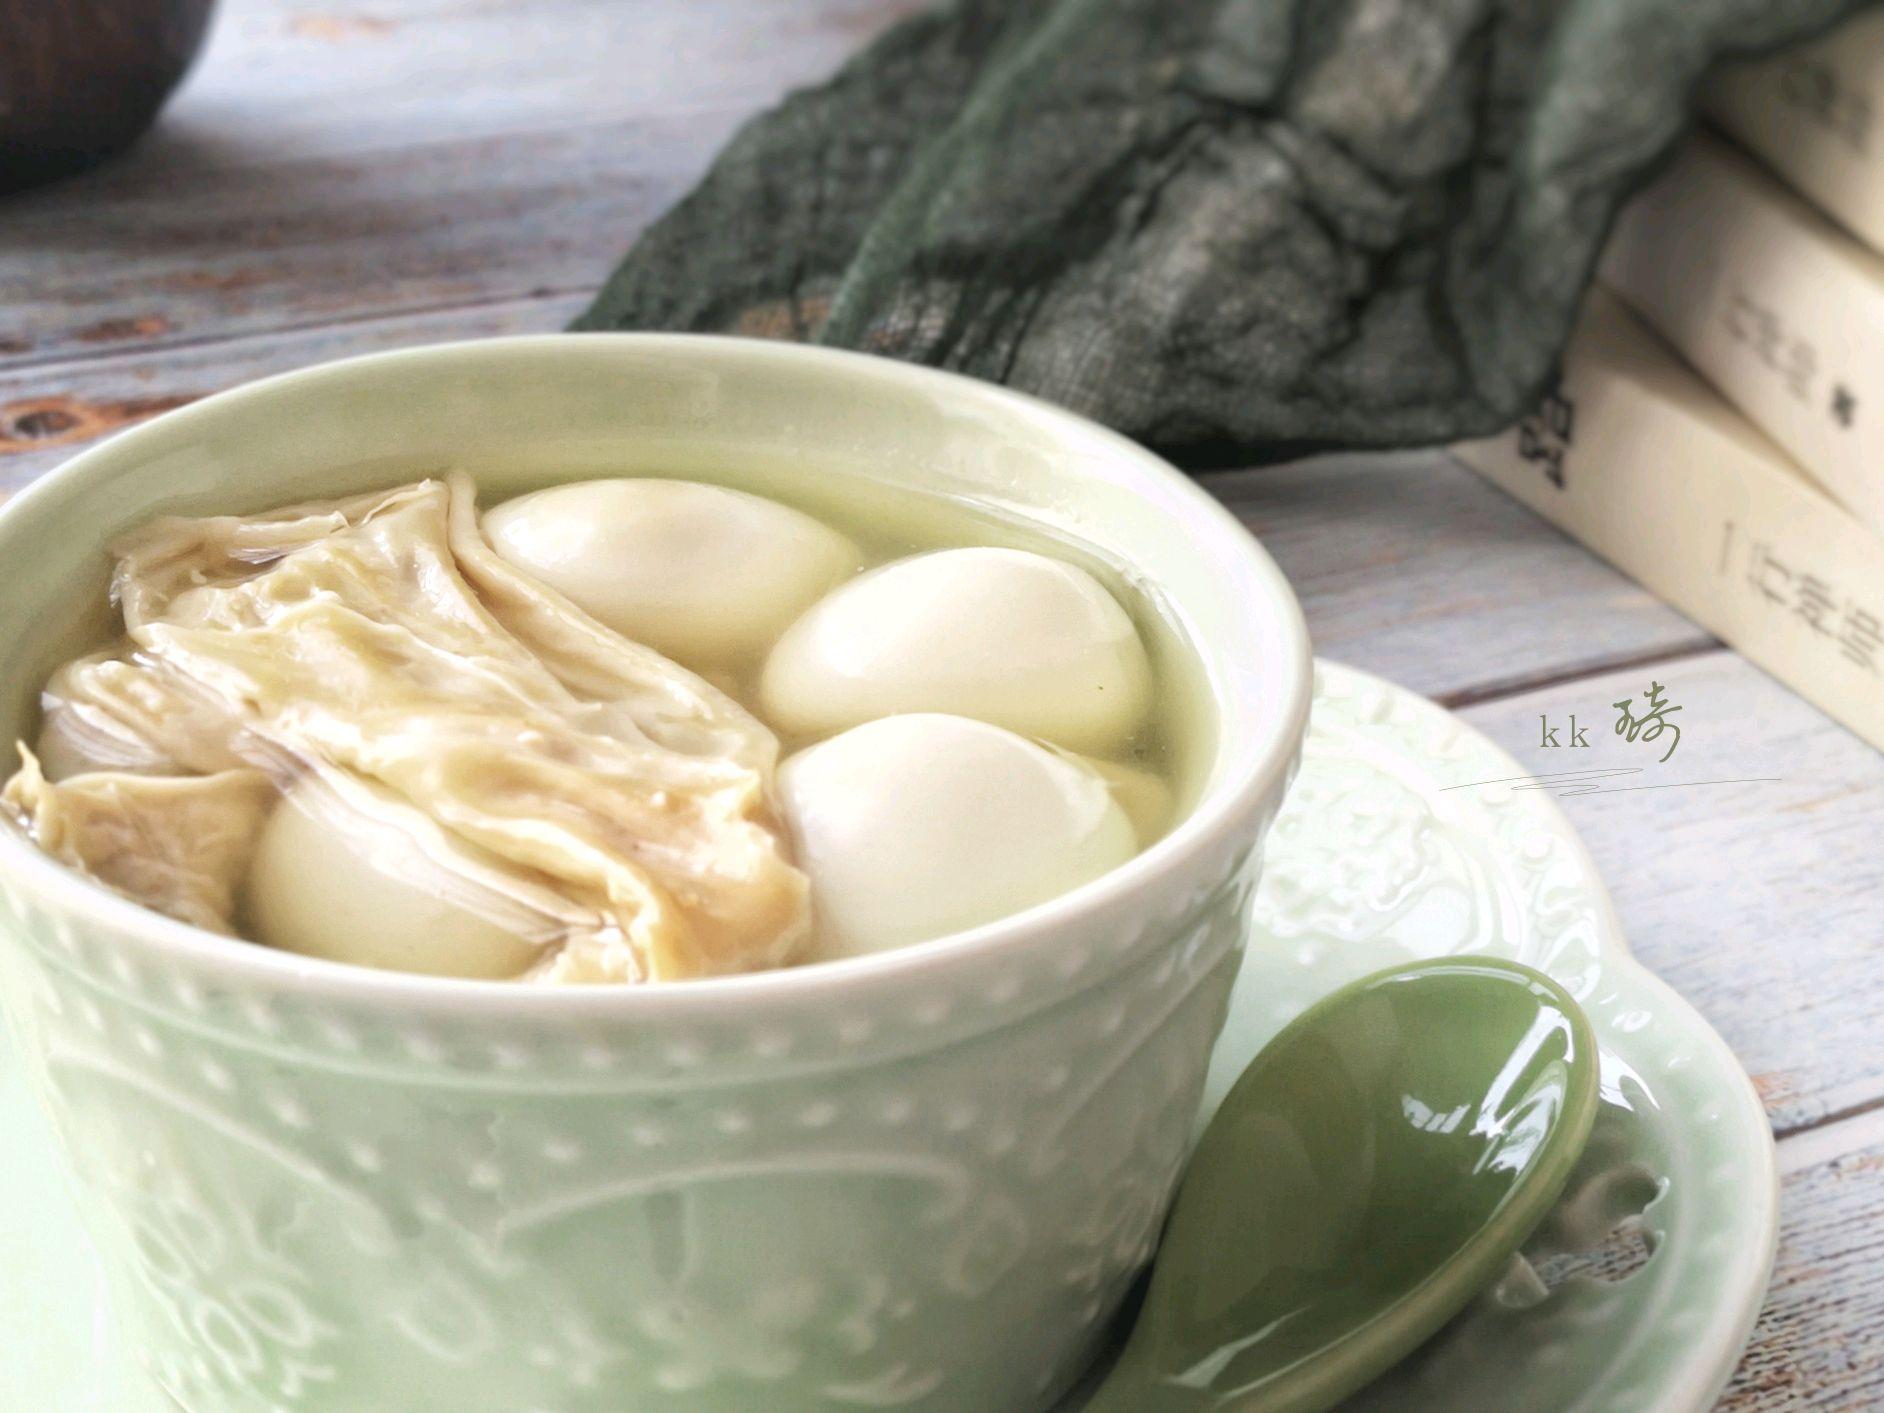 做法蛋咸肉大全的腐竹图解6糖水大全粥的香菇做法做法家常鹌鹑图片